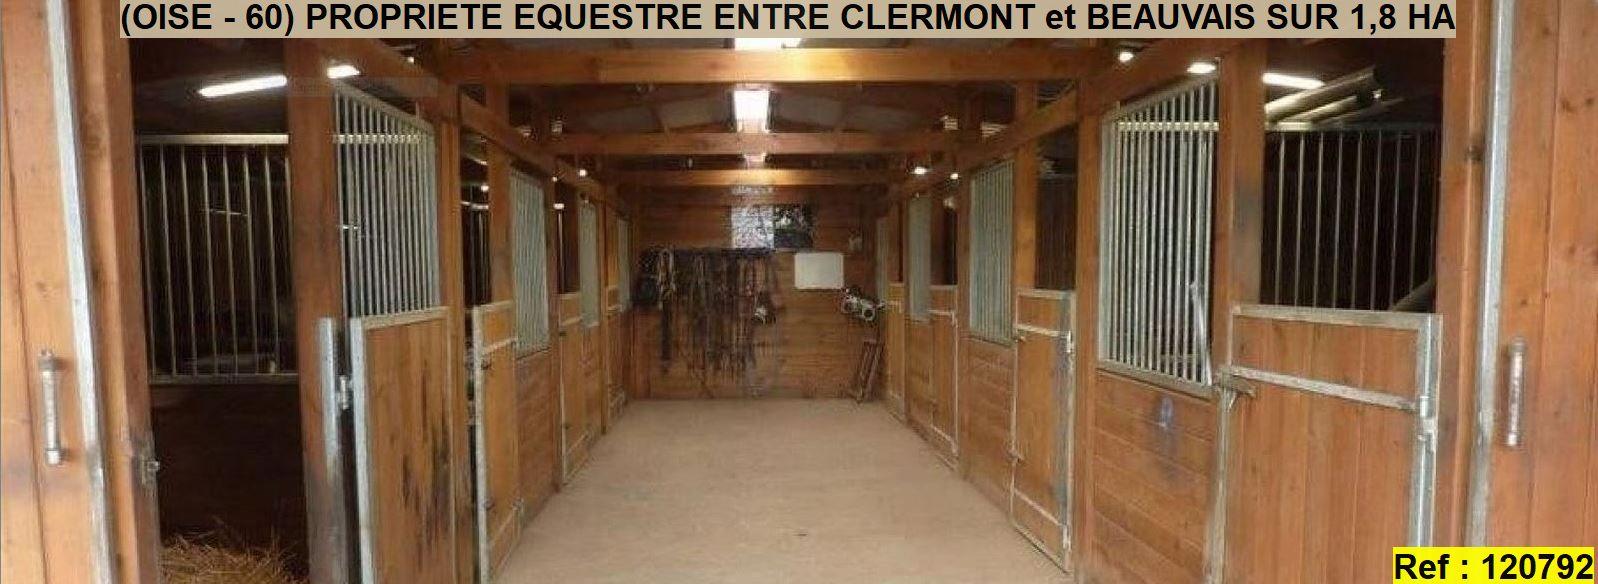 Spécialiste en Immobilier Equestre